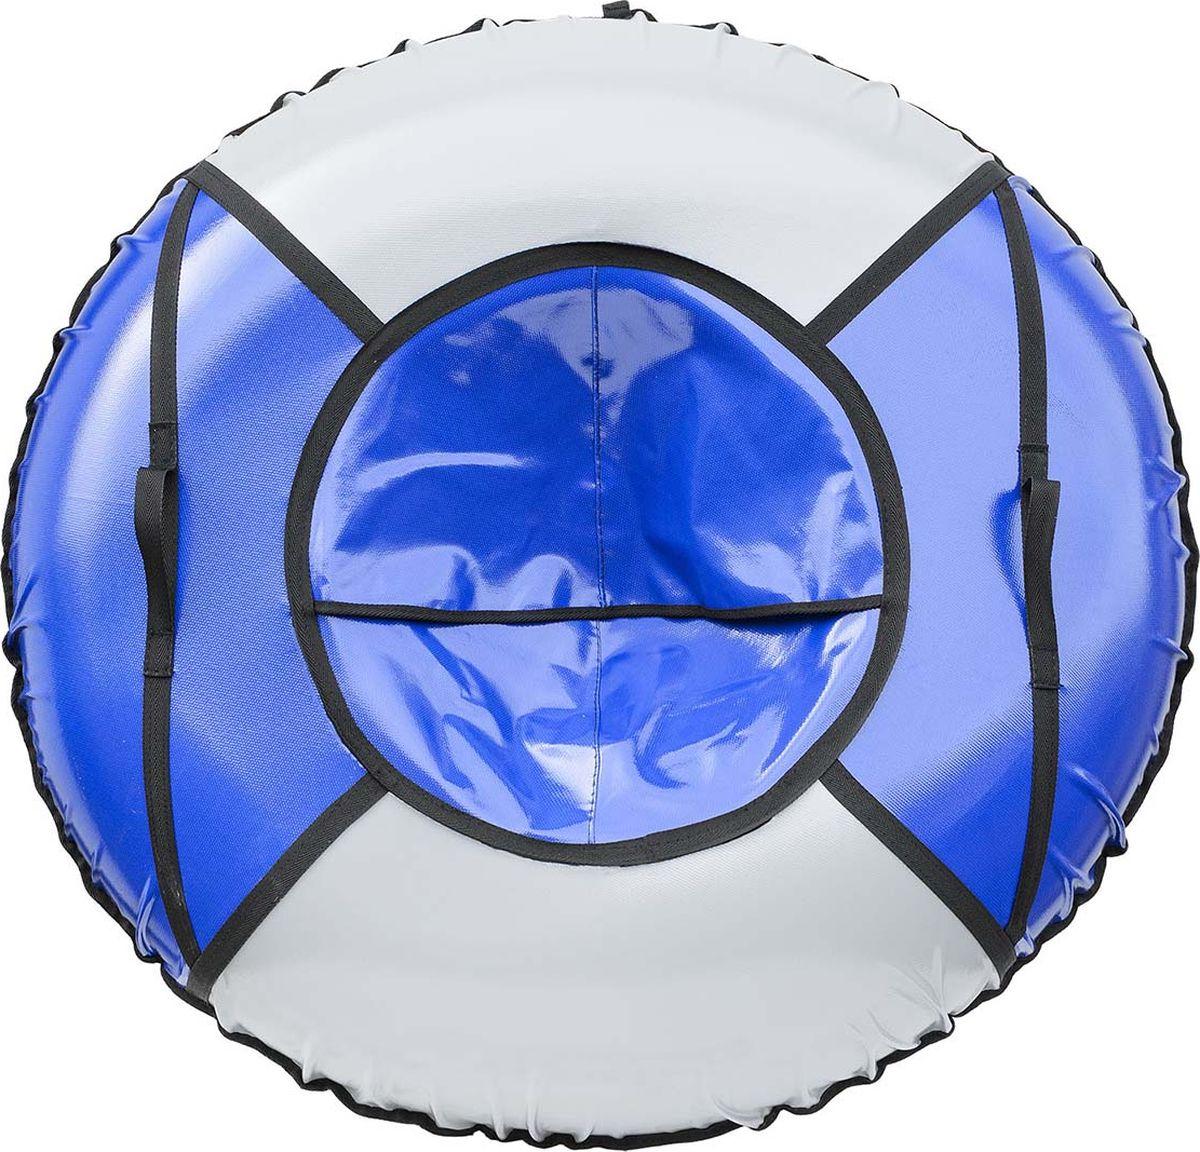 Тюбинг Эх, Прокачу! Профи-4, цвет: серый, синий, 100 смСП100-4-4Качественные бюджетные санки-ватрушки для катания по снегу из 4 секций * размеры указаны в надутом состоянии * дно изготовлено из ткани ПВХ 630г/м2 * верх изготовлен из ткани ПВХ 630гр/м2 * камера российского производства * буксировочный ремень * морозоустойчивость -45 * допускается деформация формы санок из-за неравномерности надутия камеры